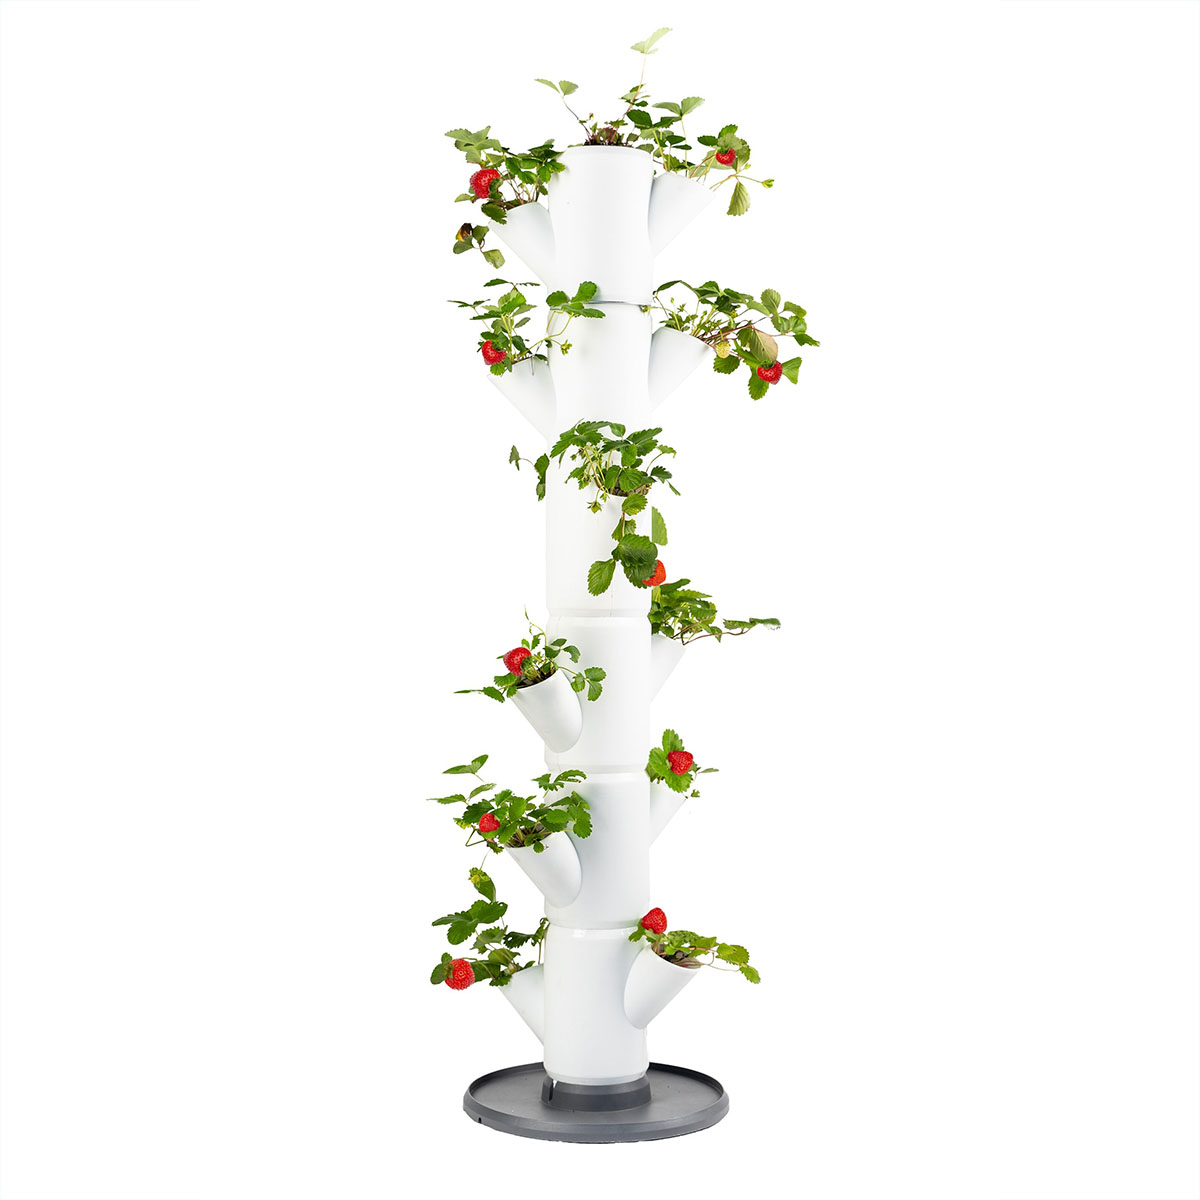 Sissi Jordbærtræ til altan eller terrasse